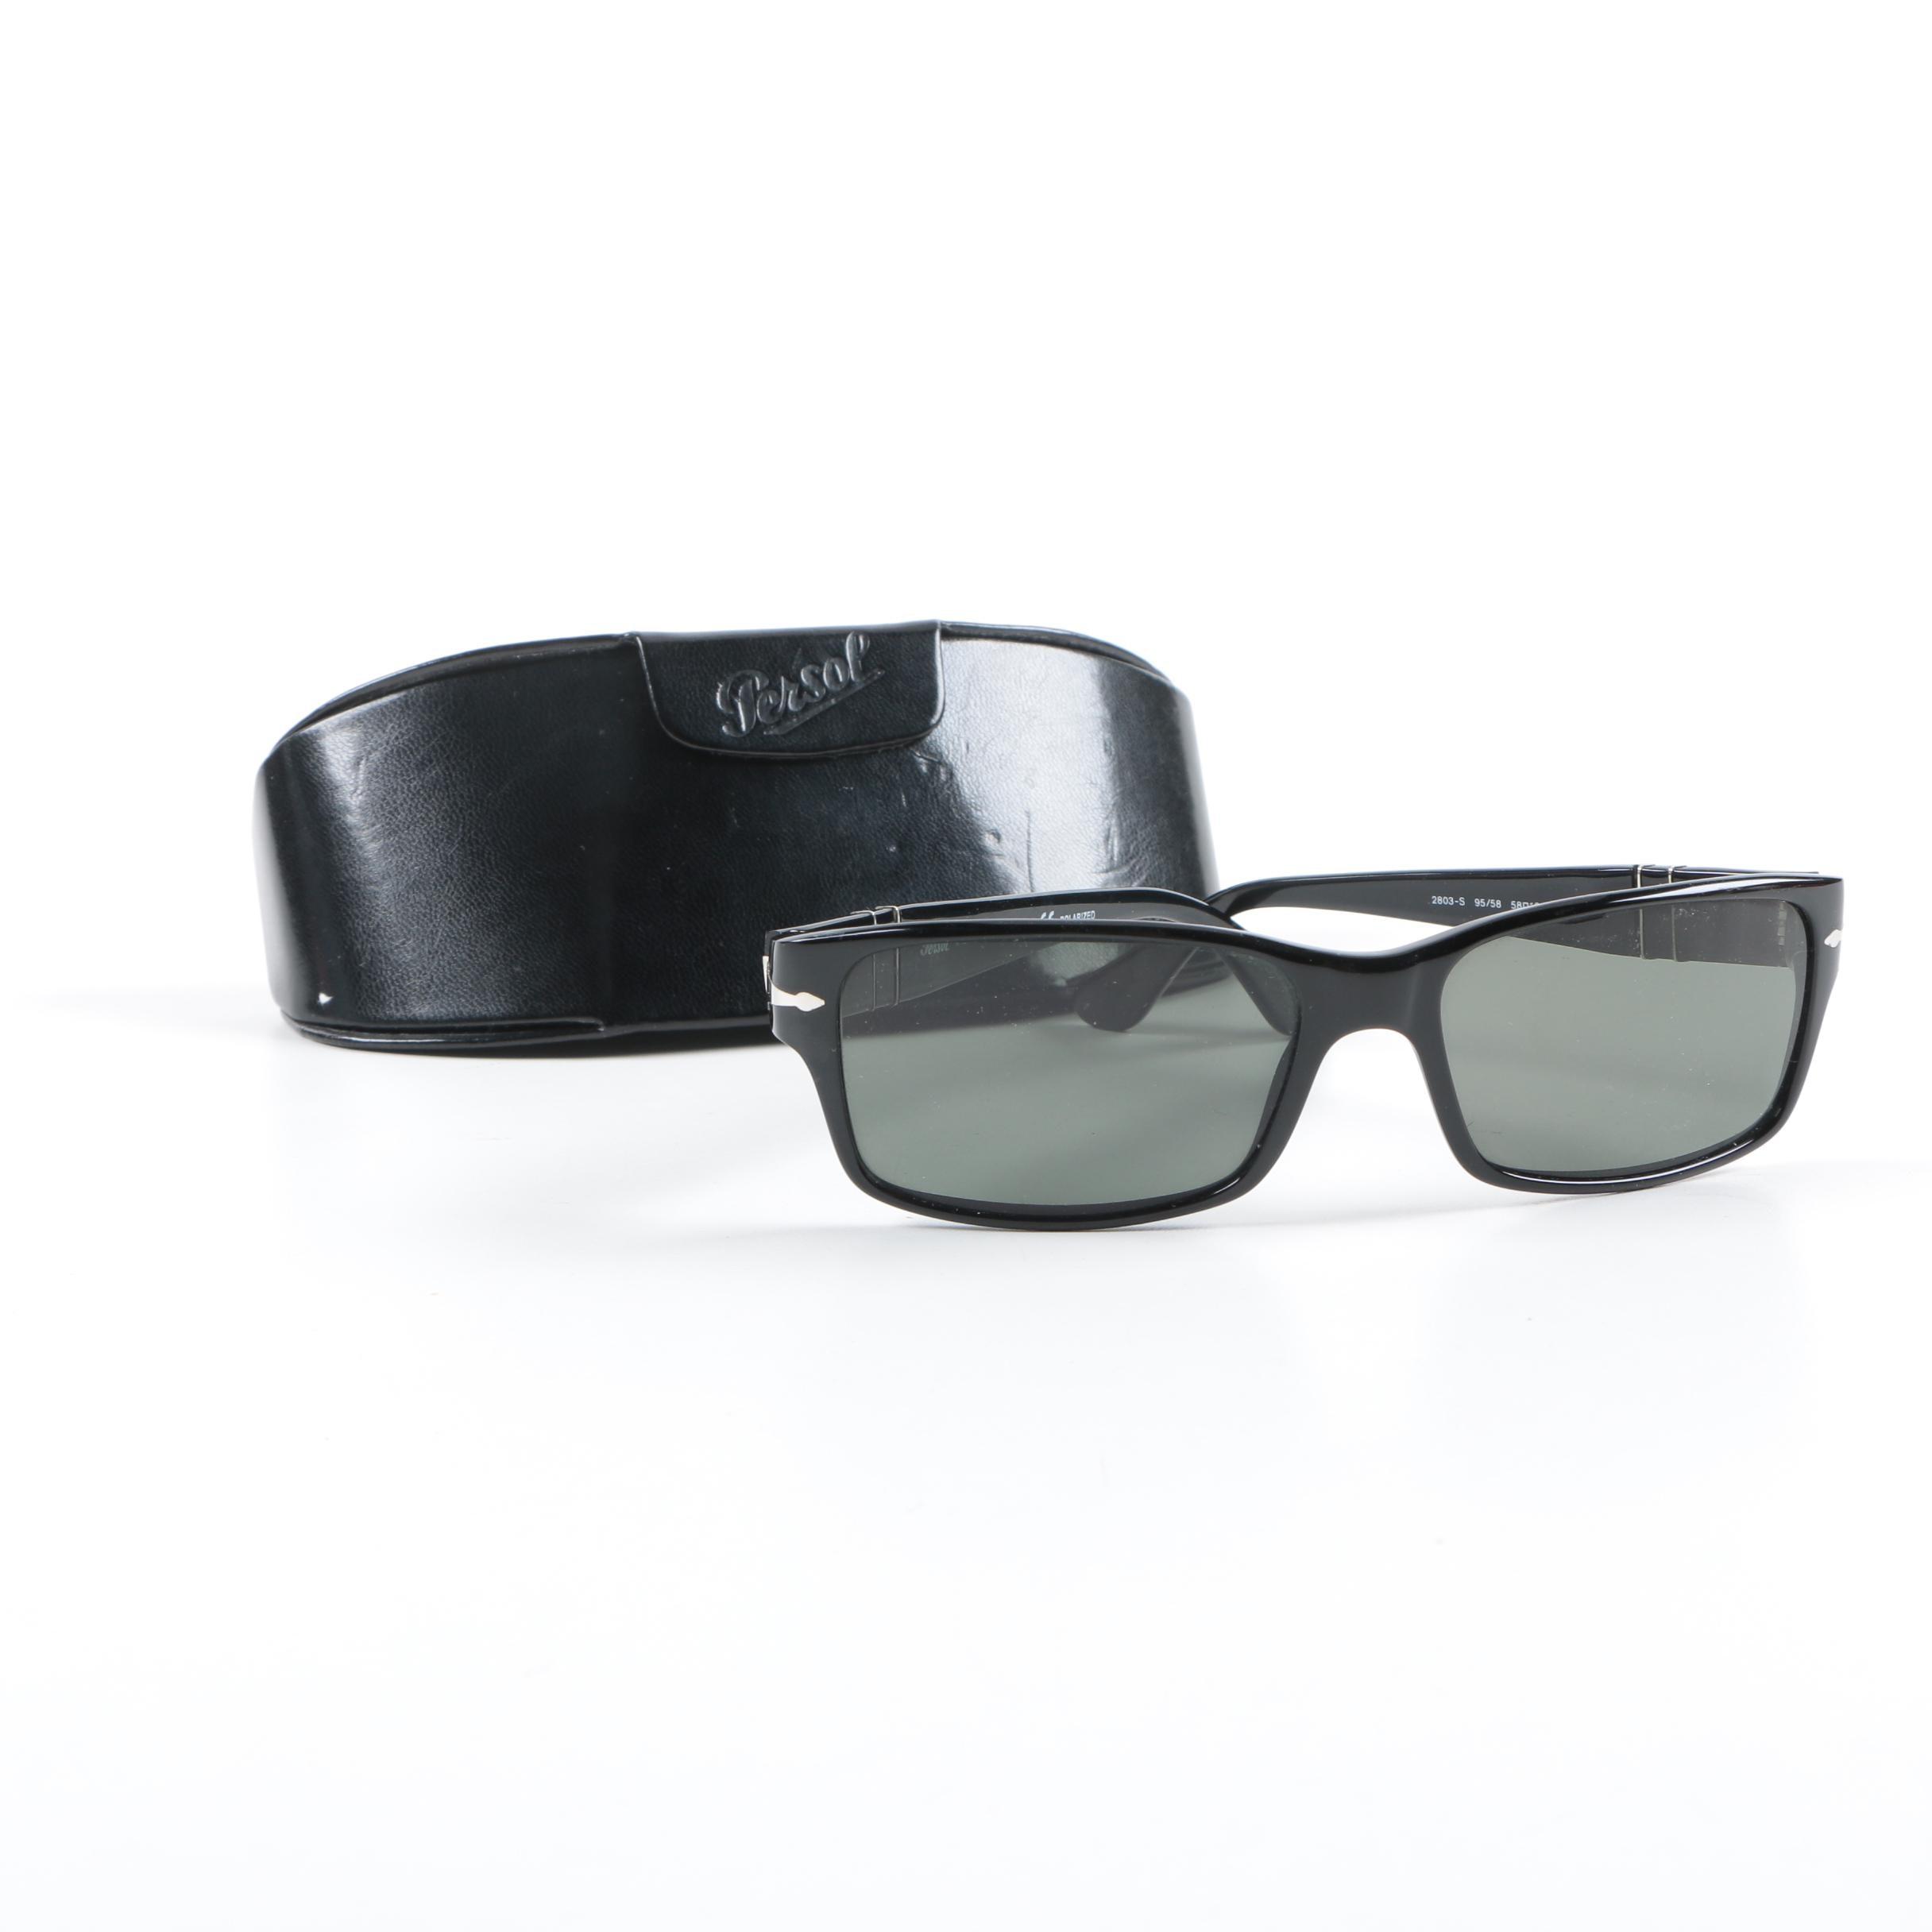 Persol PO 2803 S 95/58 Sunglasses